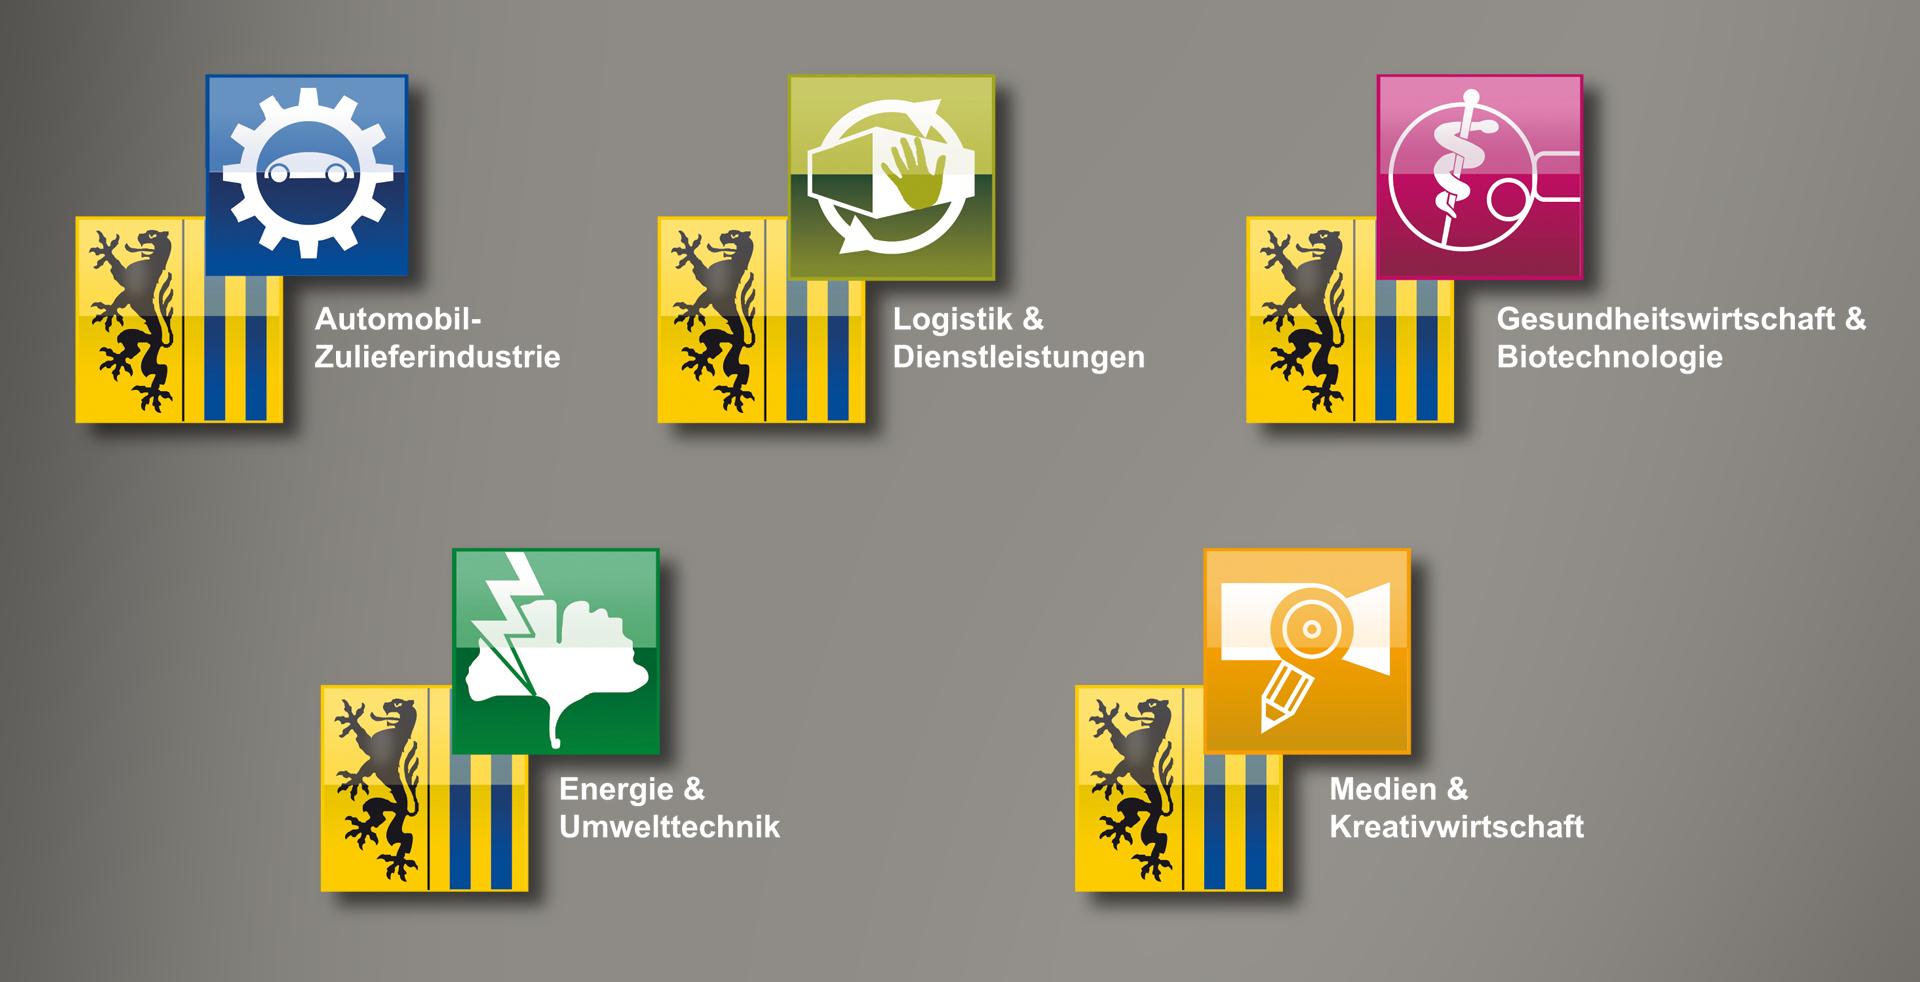 Pictogramme der Wirtschaftscluster der Stadt Leipzig